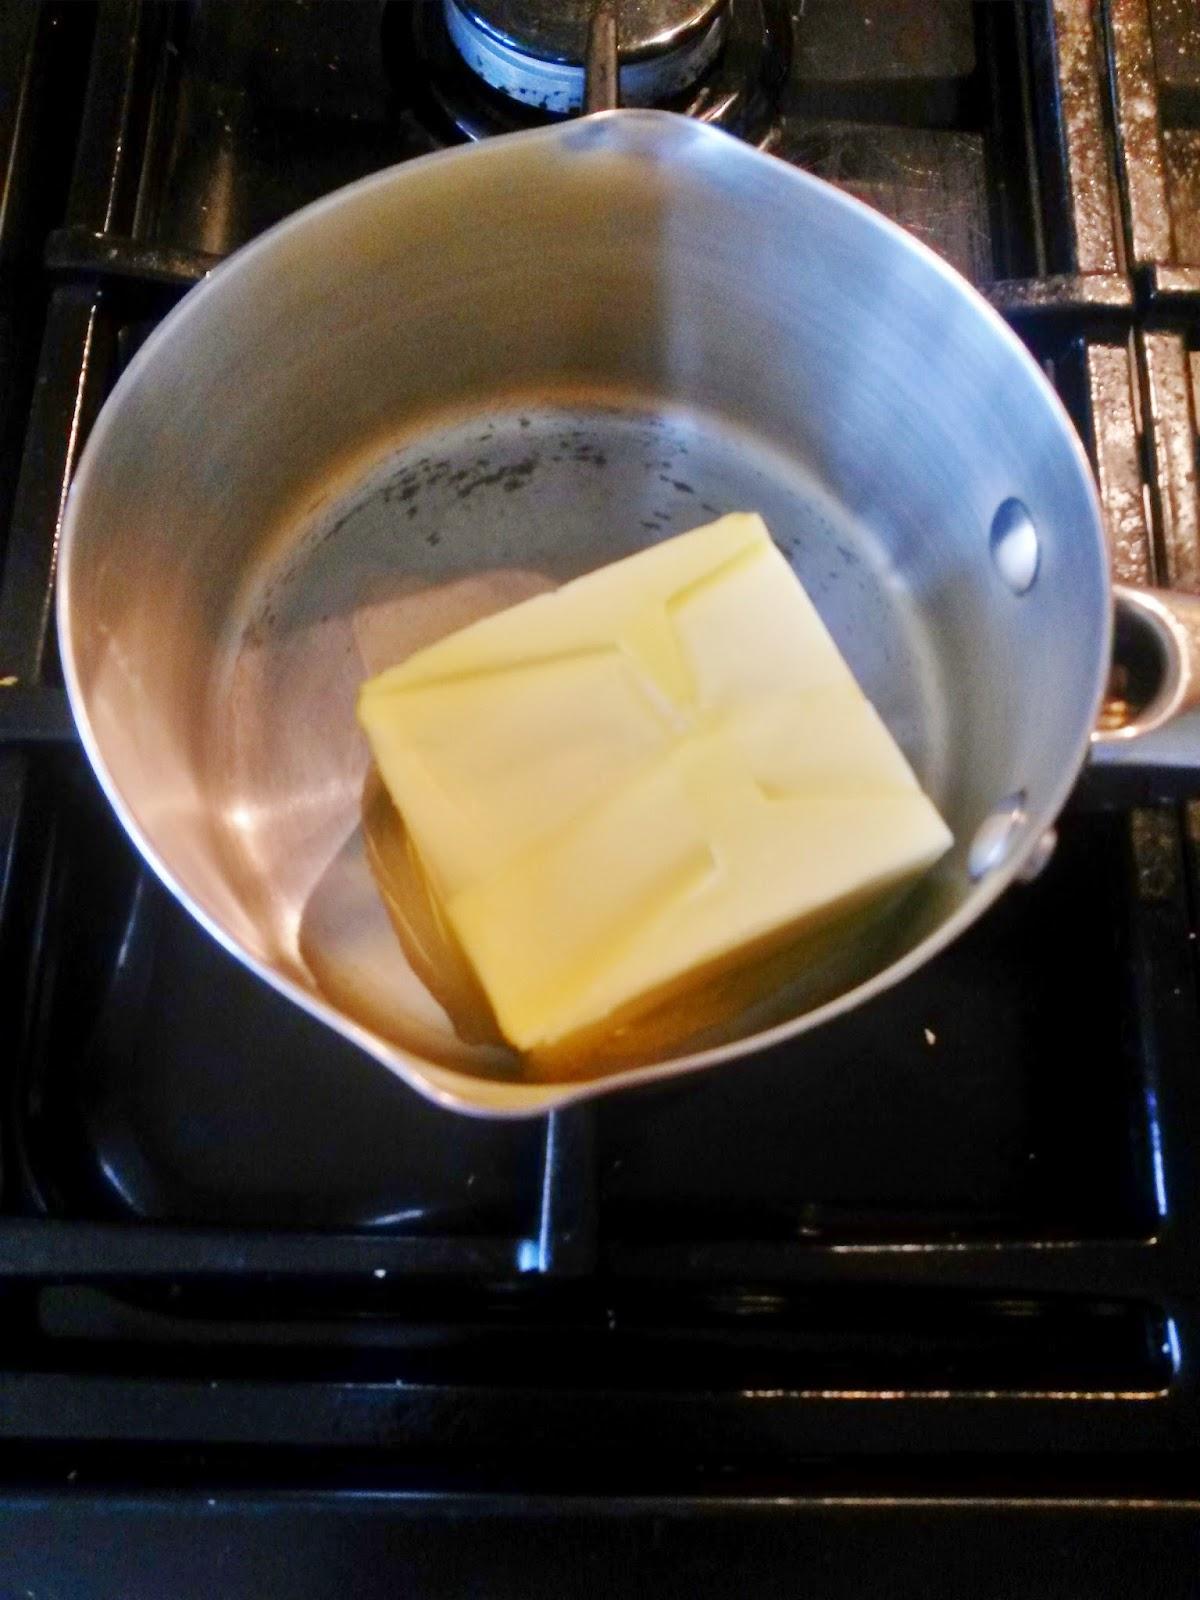 Melting butter for flourless cake